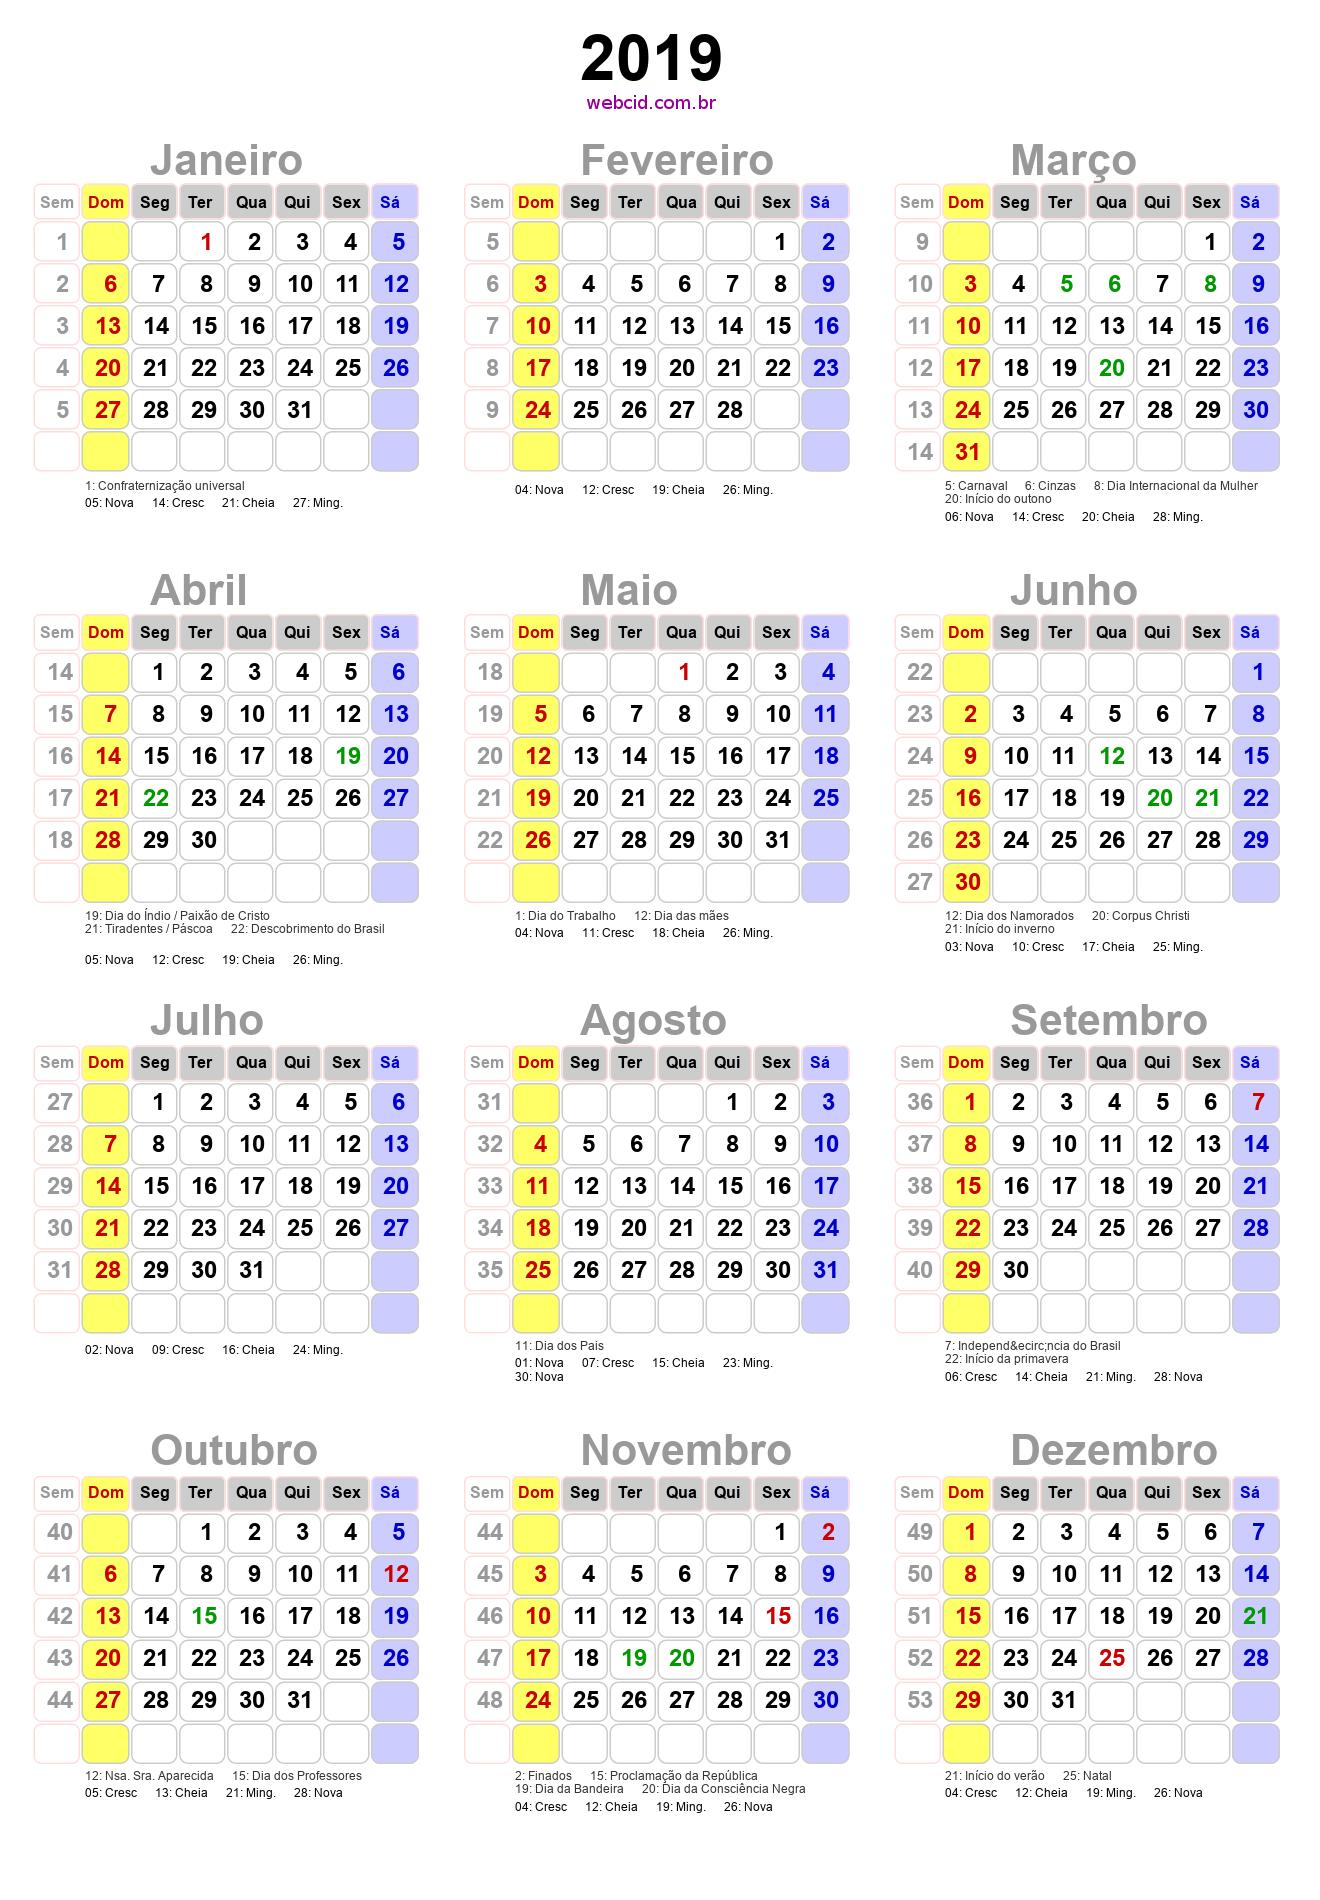 Calendário 2019 Em Png Pronto Para Você Utilizar Webcid